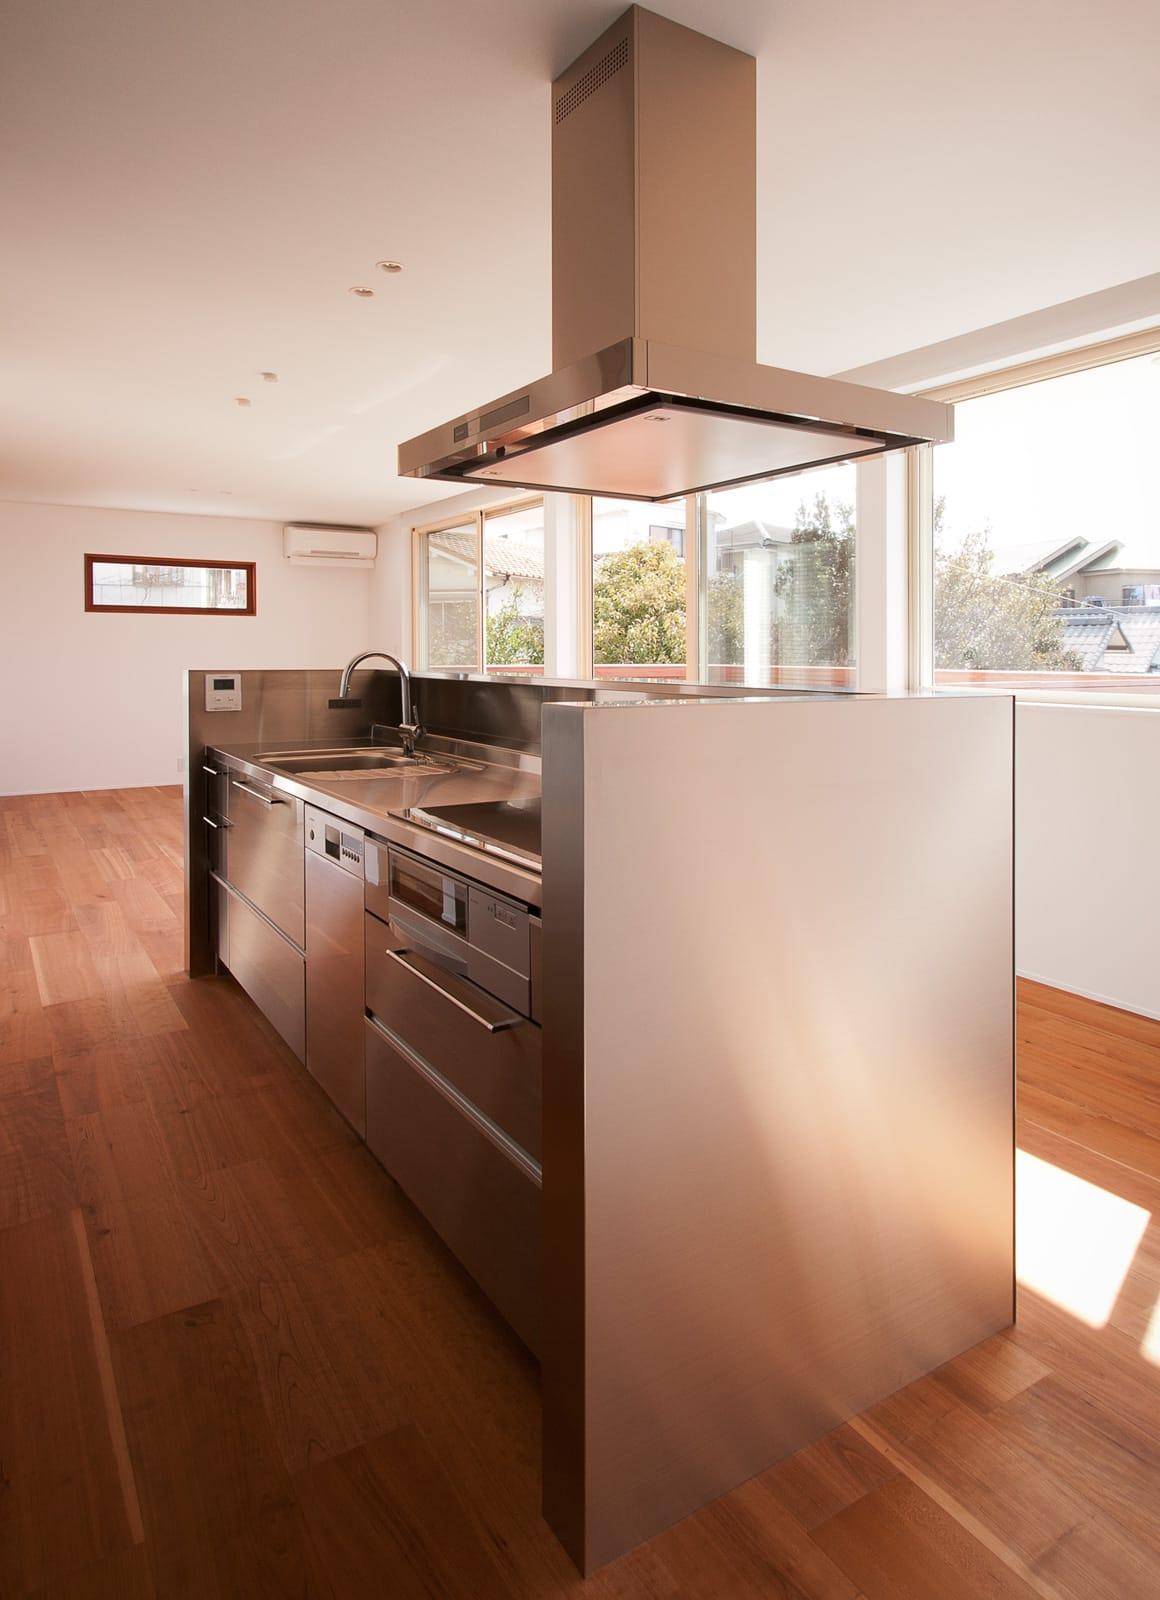 絶景!海を望む白い家のキッチン2